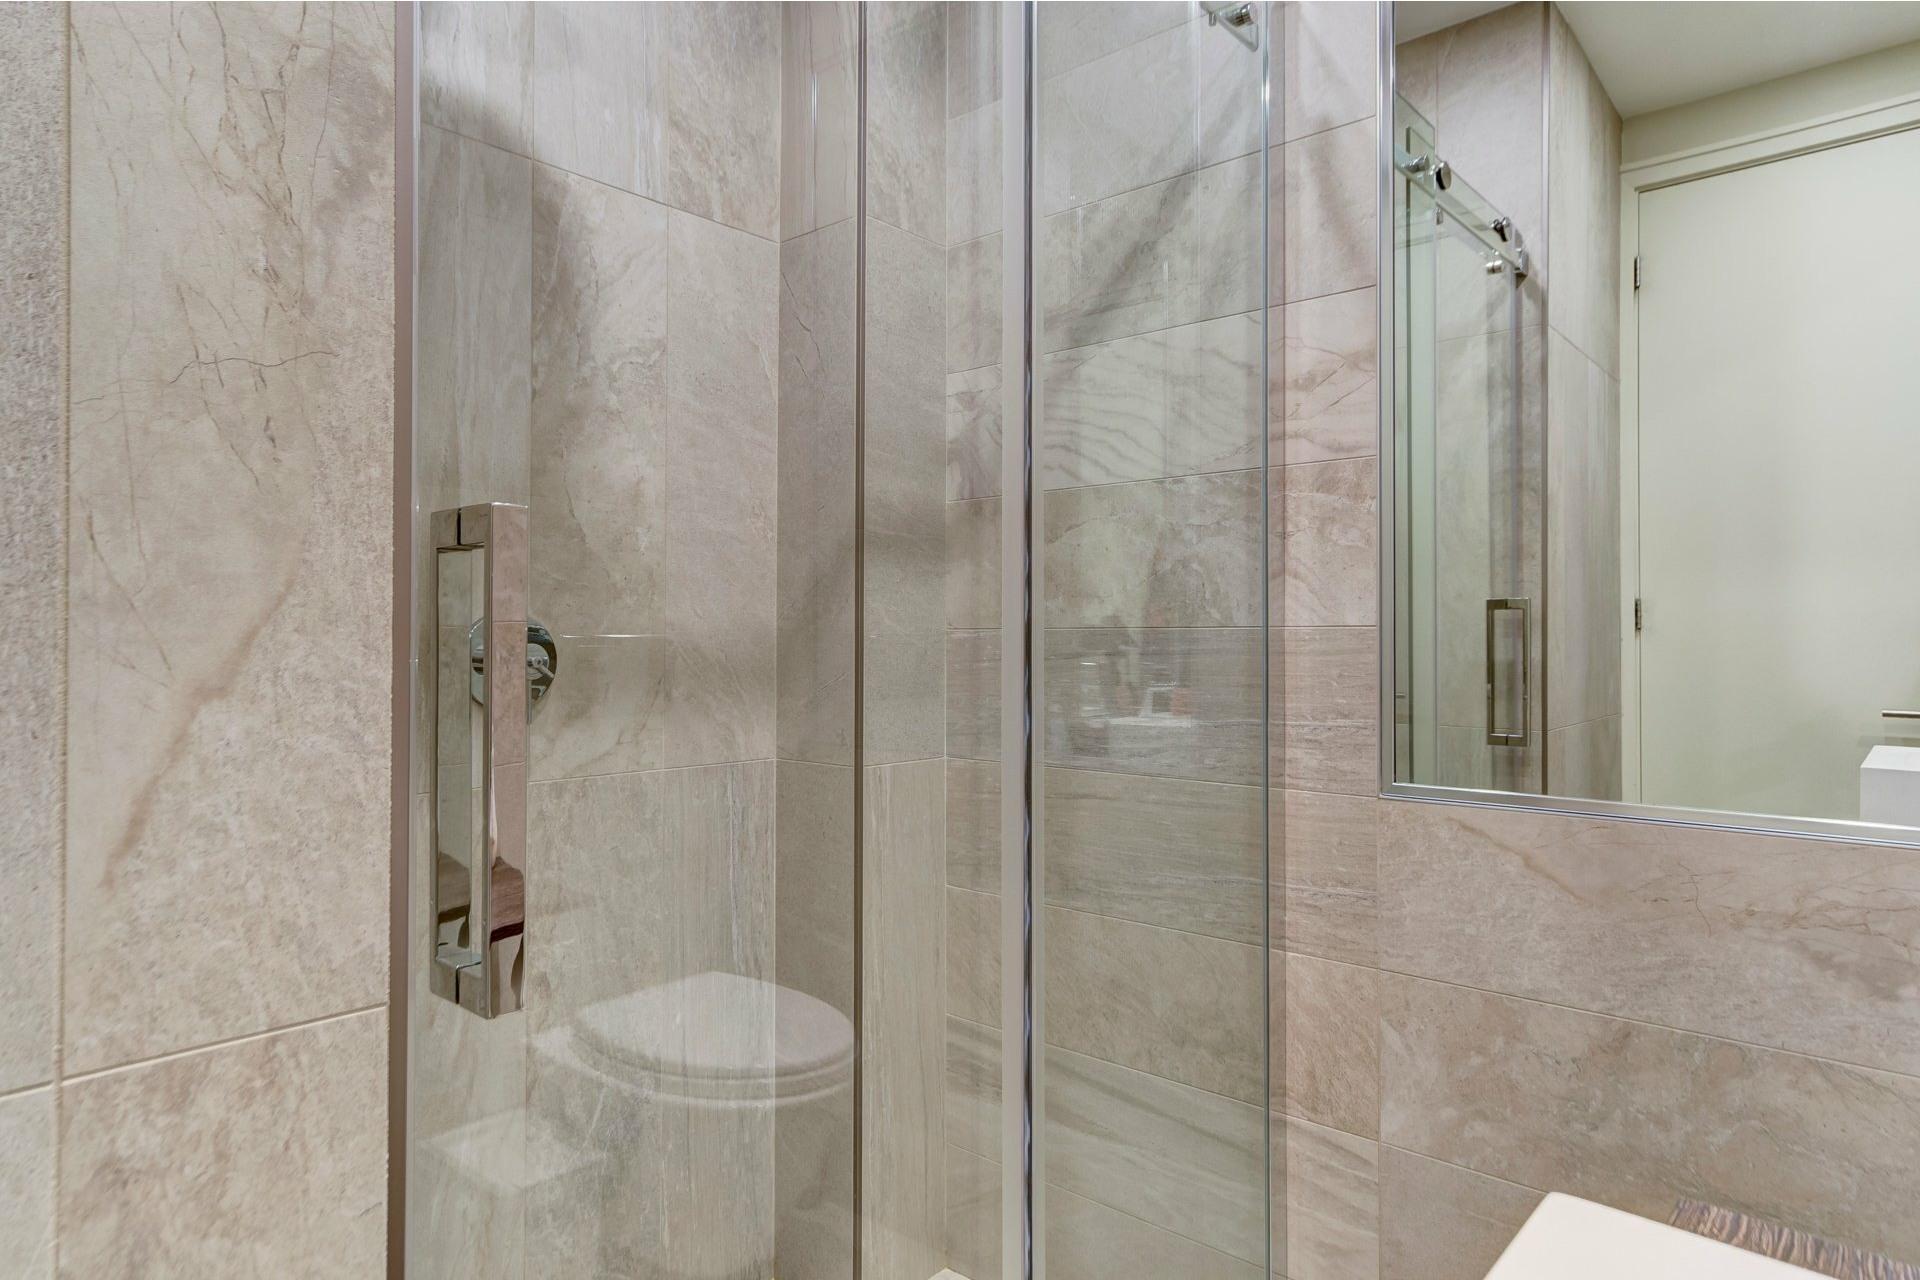 image 13 - Appartement À louer Côte-des-Neiges/Notre-Dame-de-Grâce Montréal  - 10 pièces